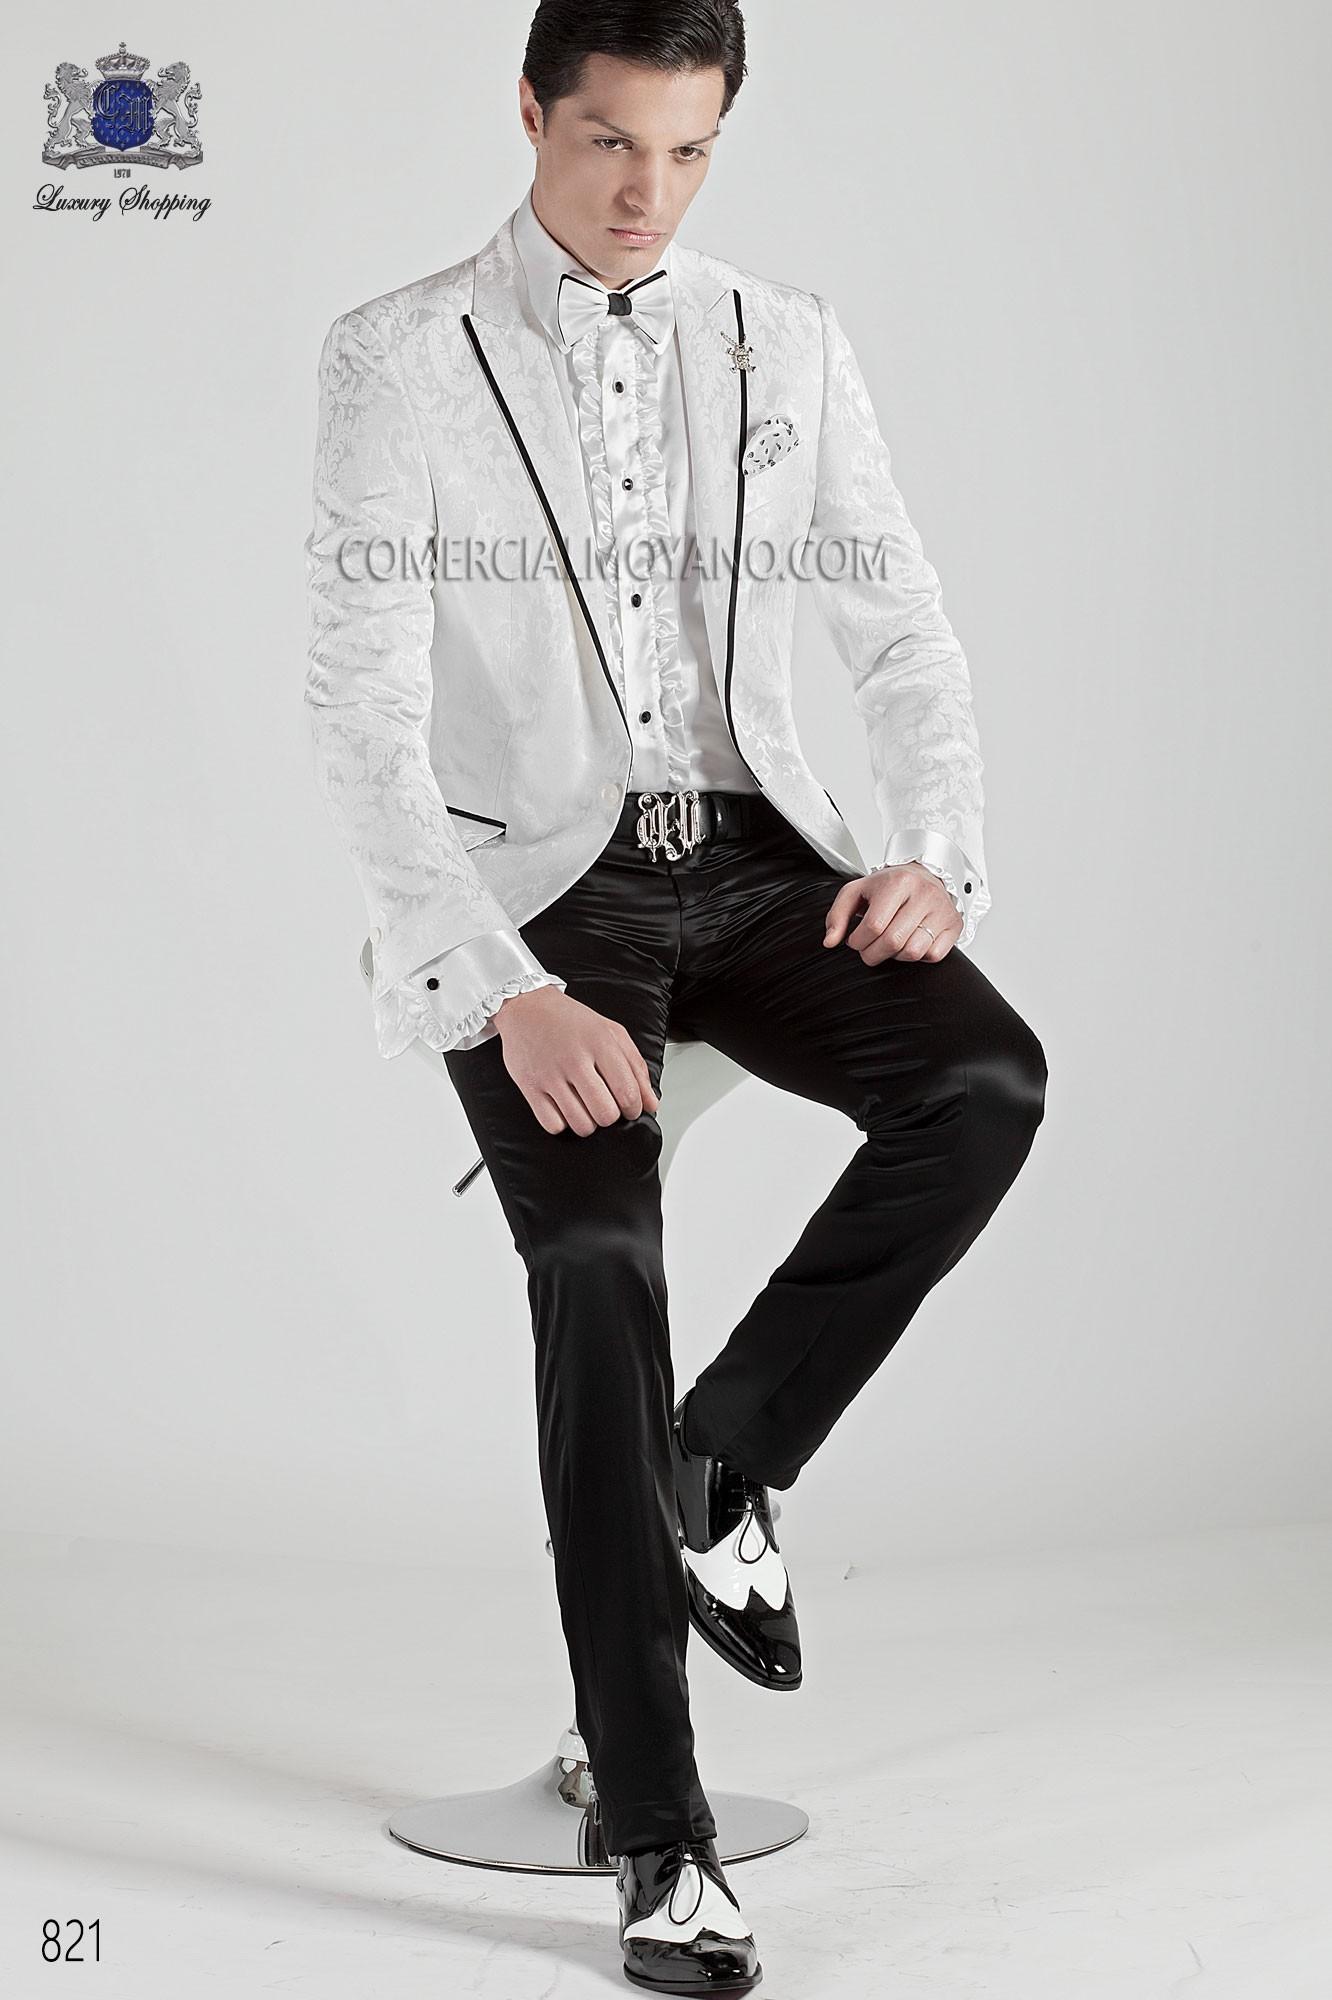 Traje de moda hombre blanco modelo: 821 Ottavio Nuccio Gala colección Emotion